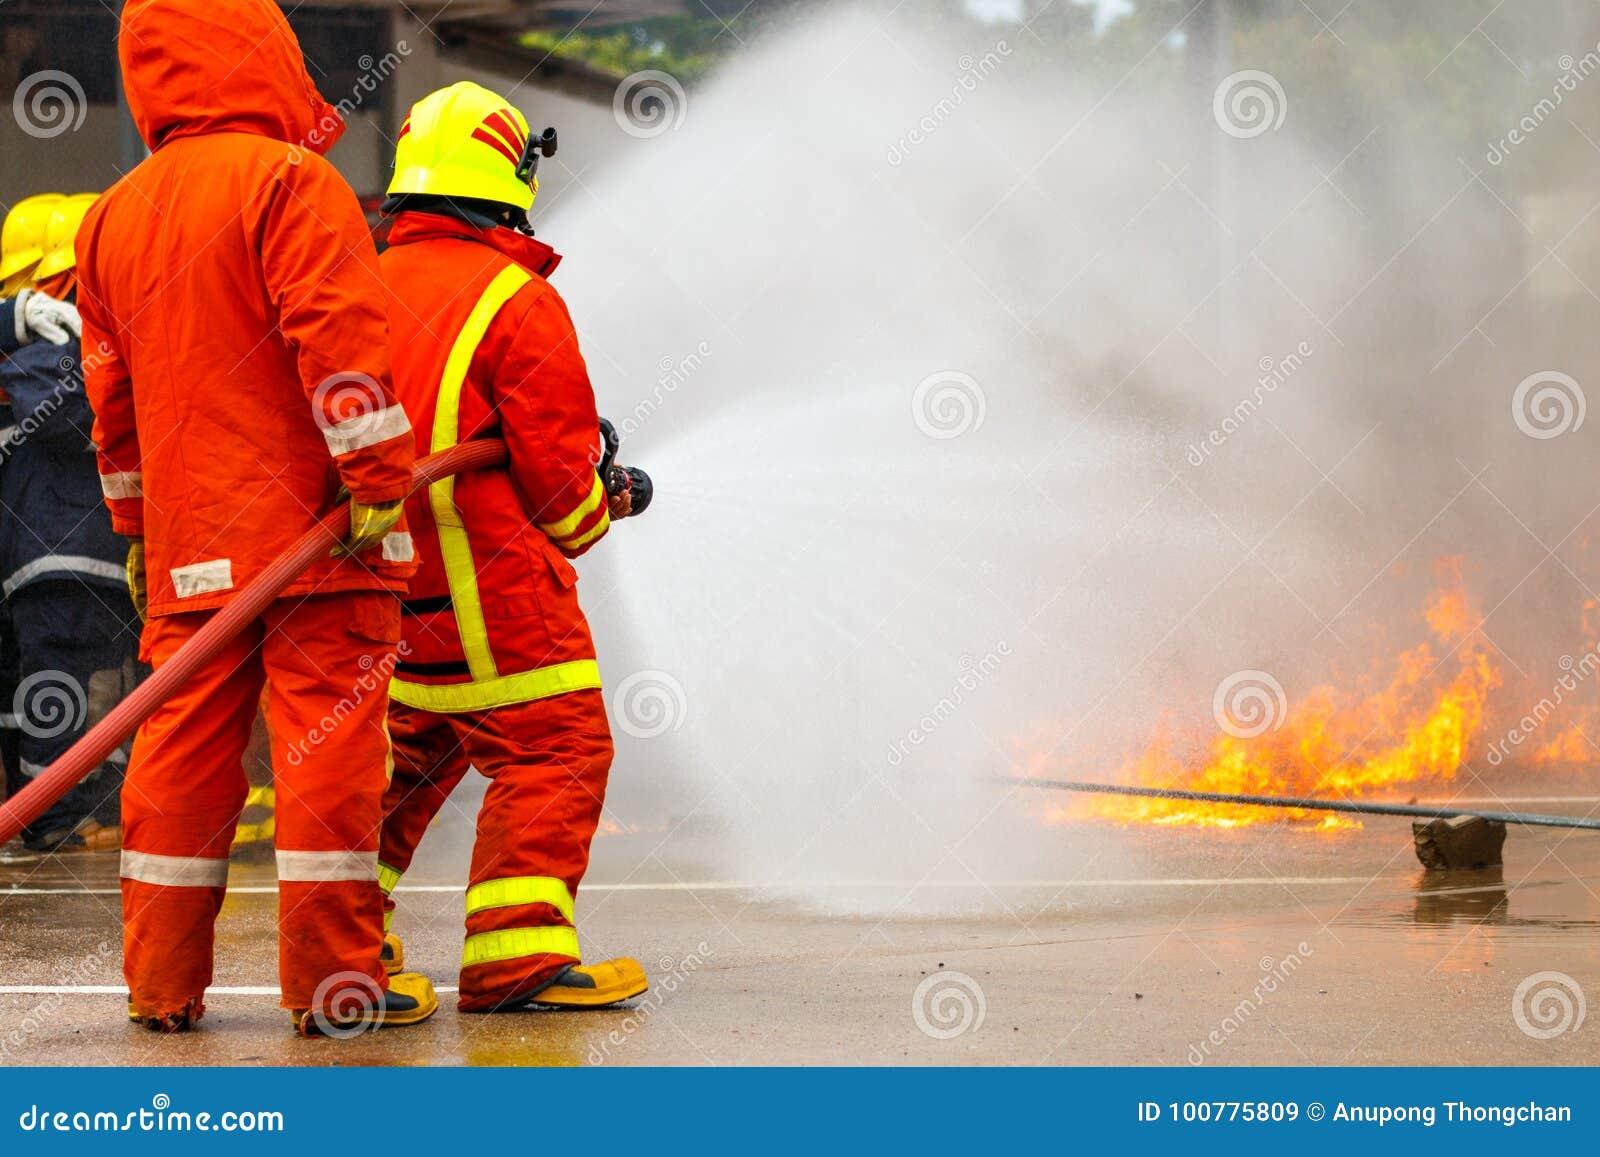 消防队员的培训 消防员